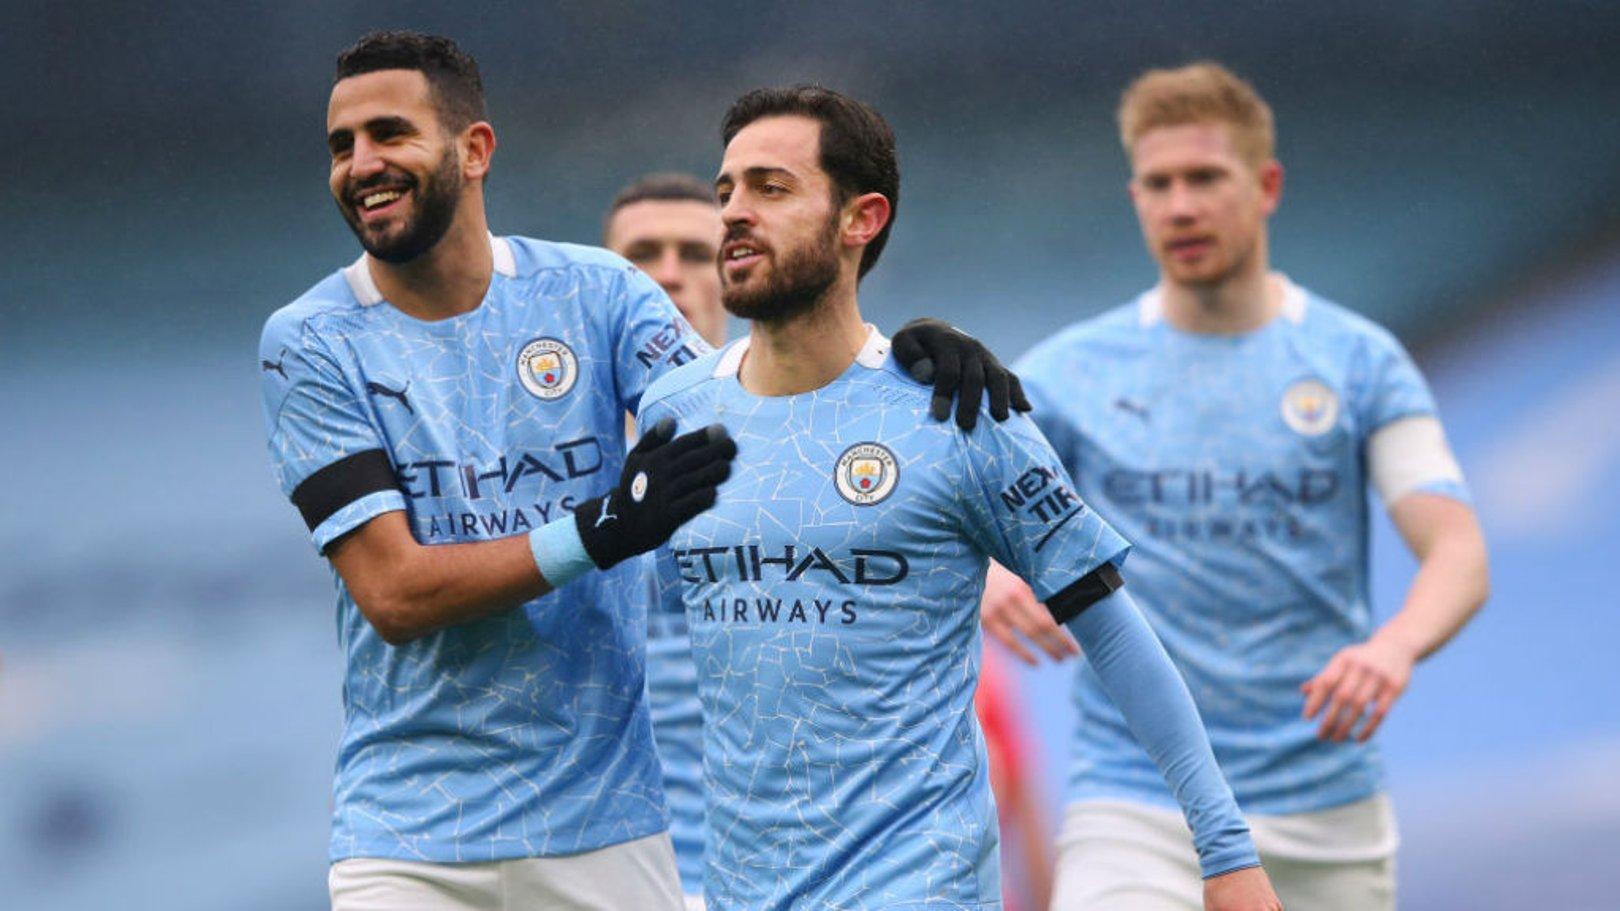 Onde posso assistir Manchester City x Brighton?